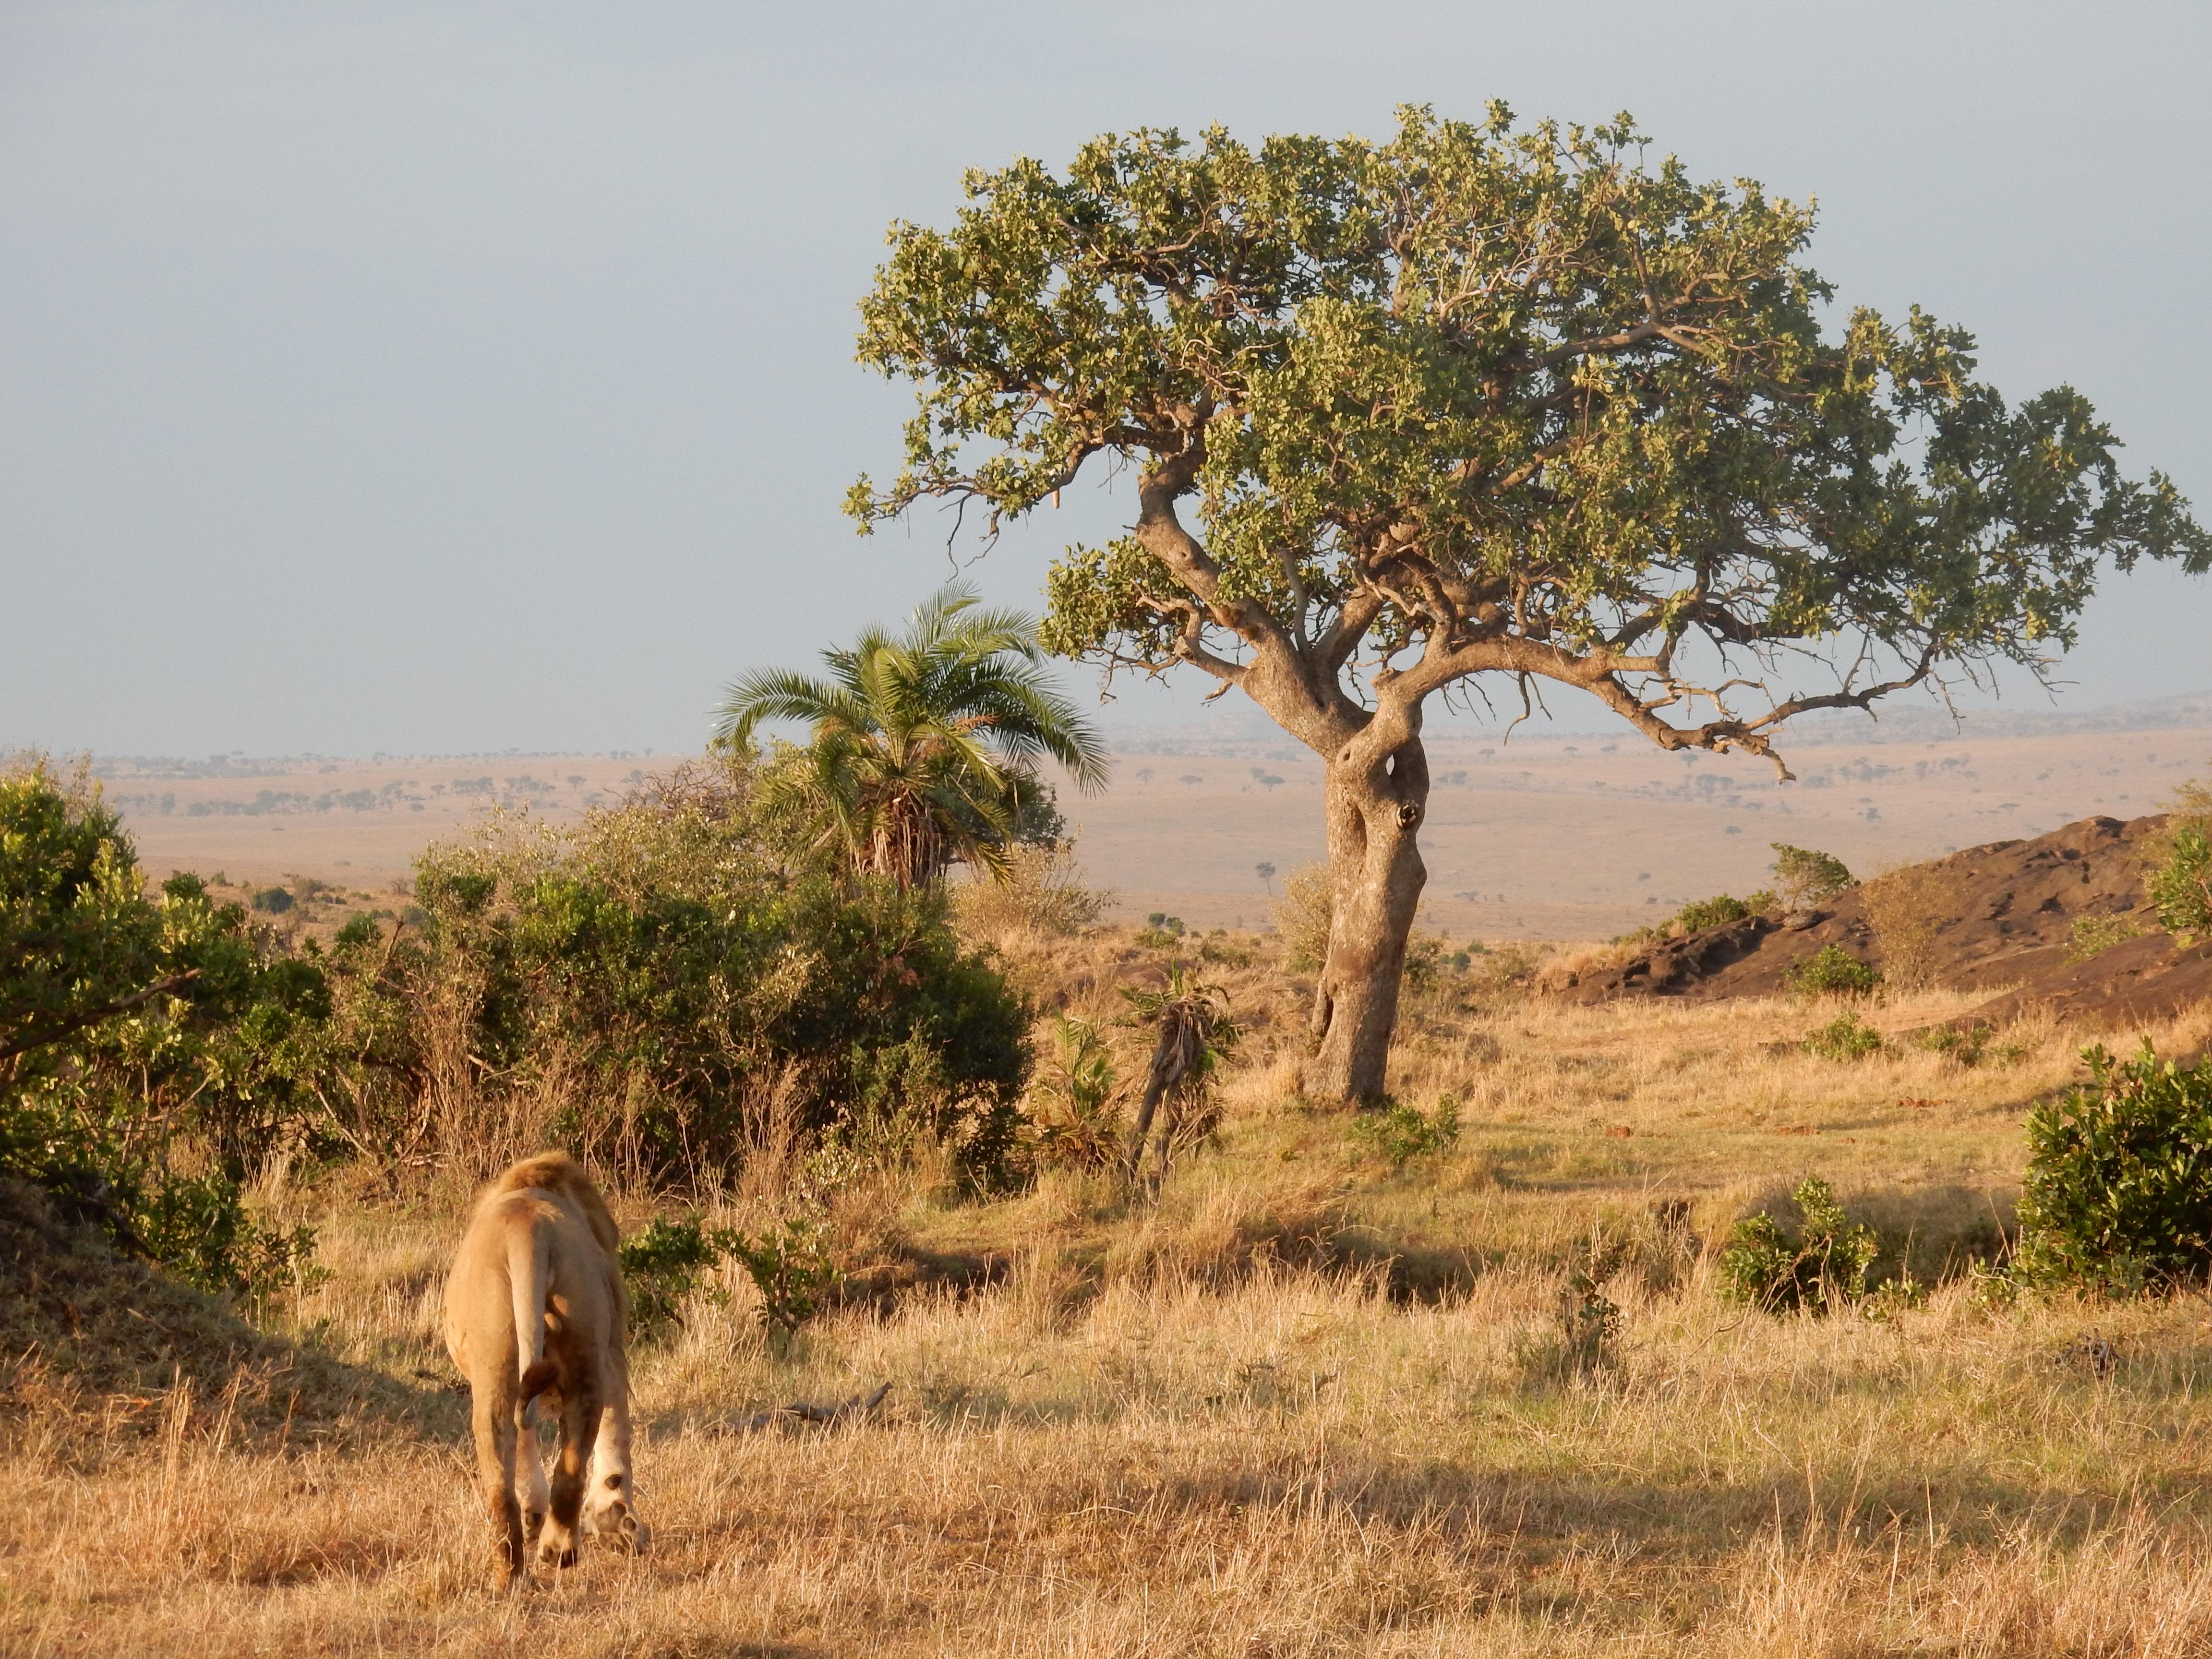 The beauty of Masaai mara, Maasai mara, masai mara,Kenya, Africa